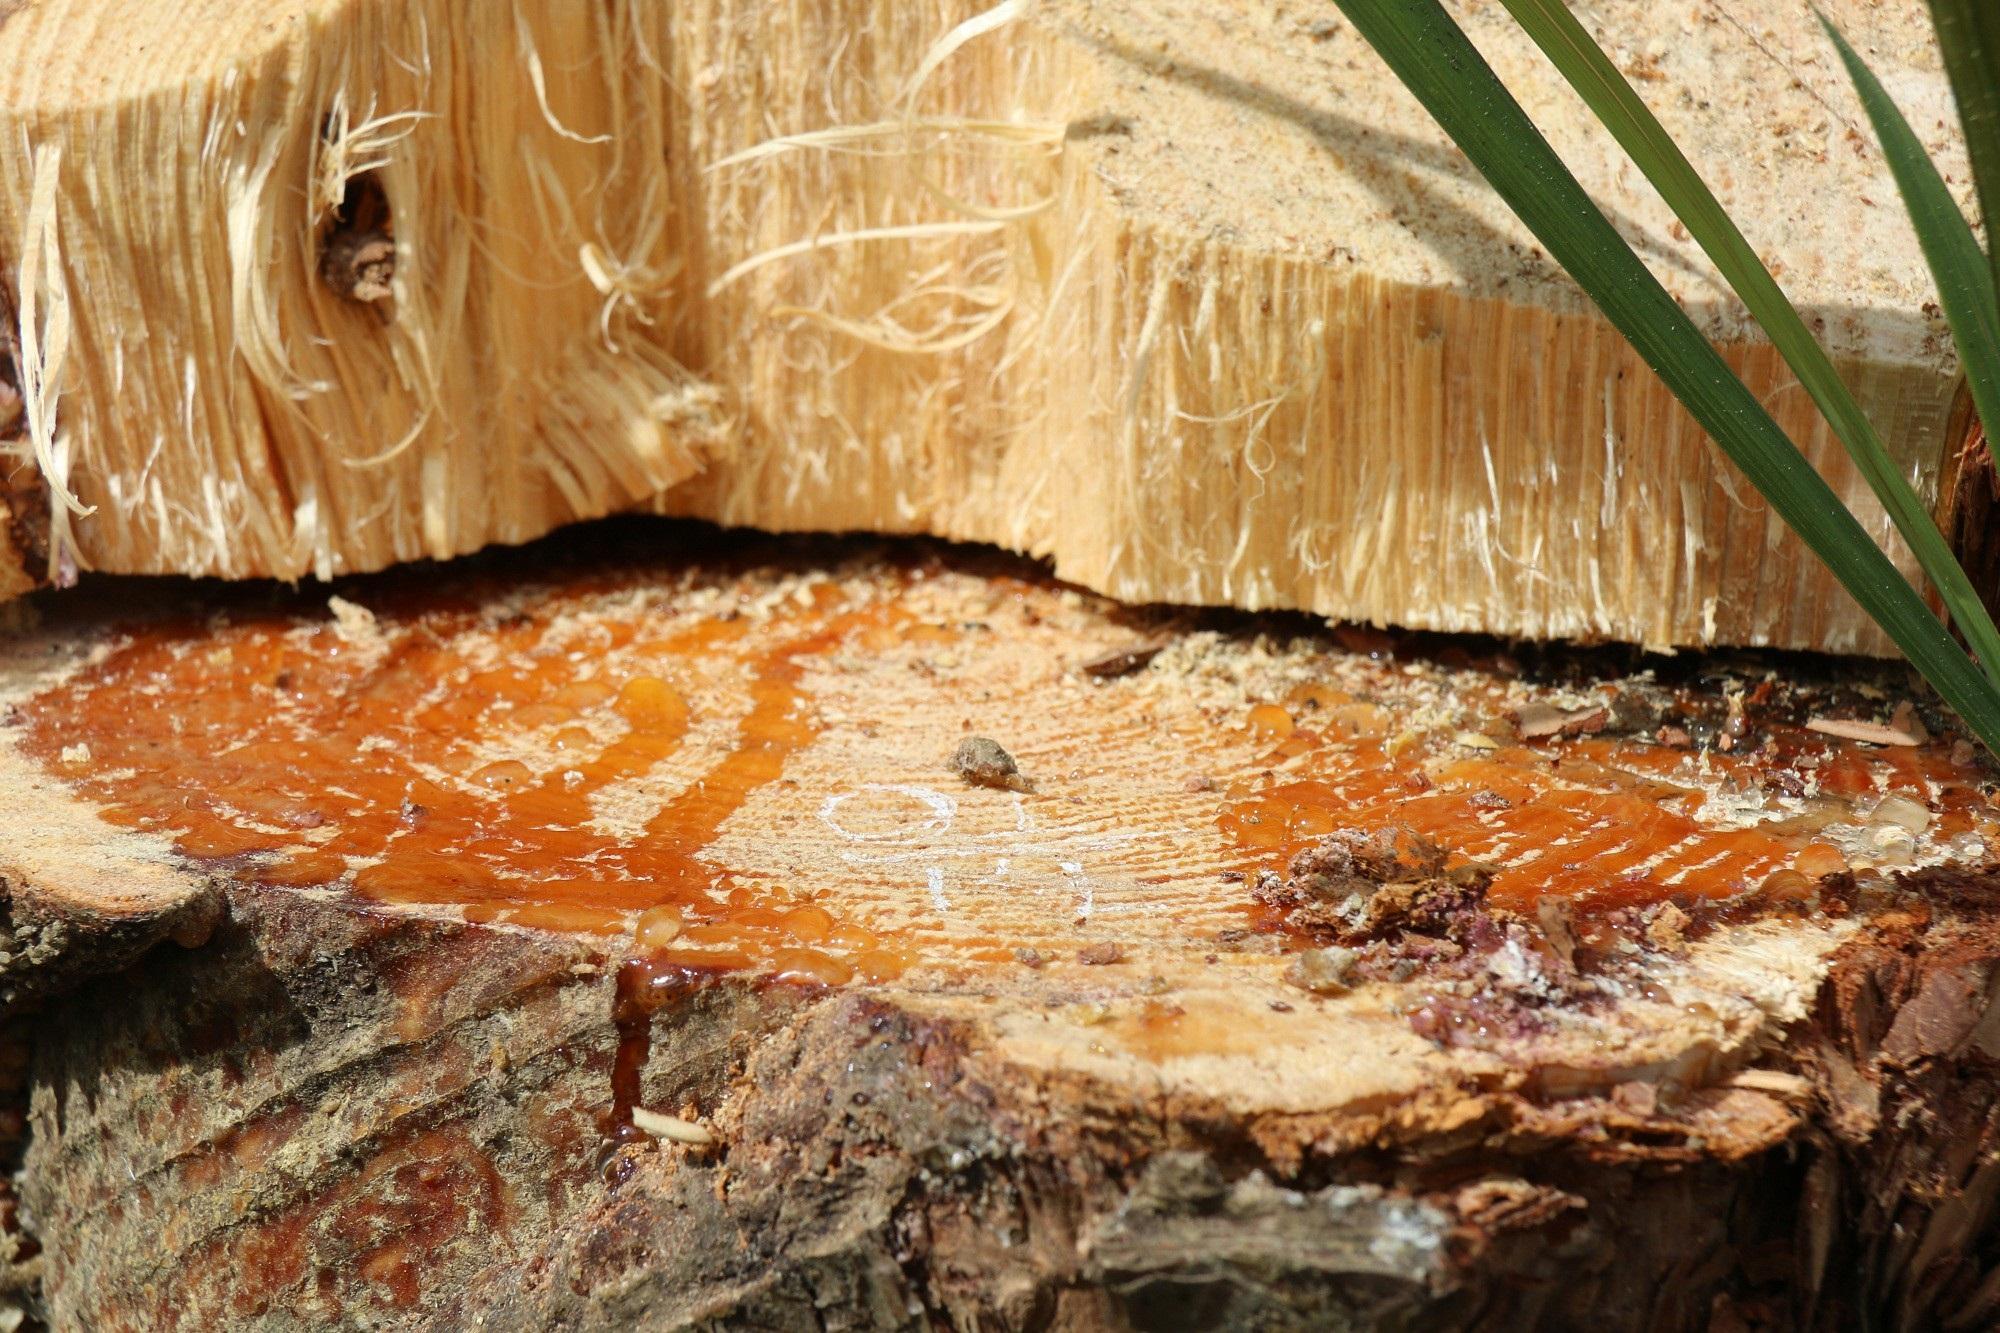 Dự án vừa bị thu hồi, rừng ngay lập tức bị bức tử - Ảnh 3.